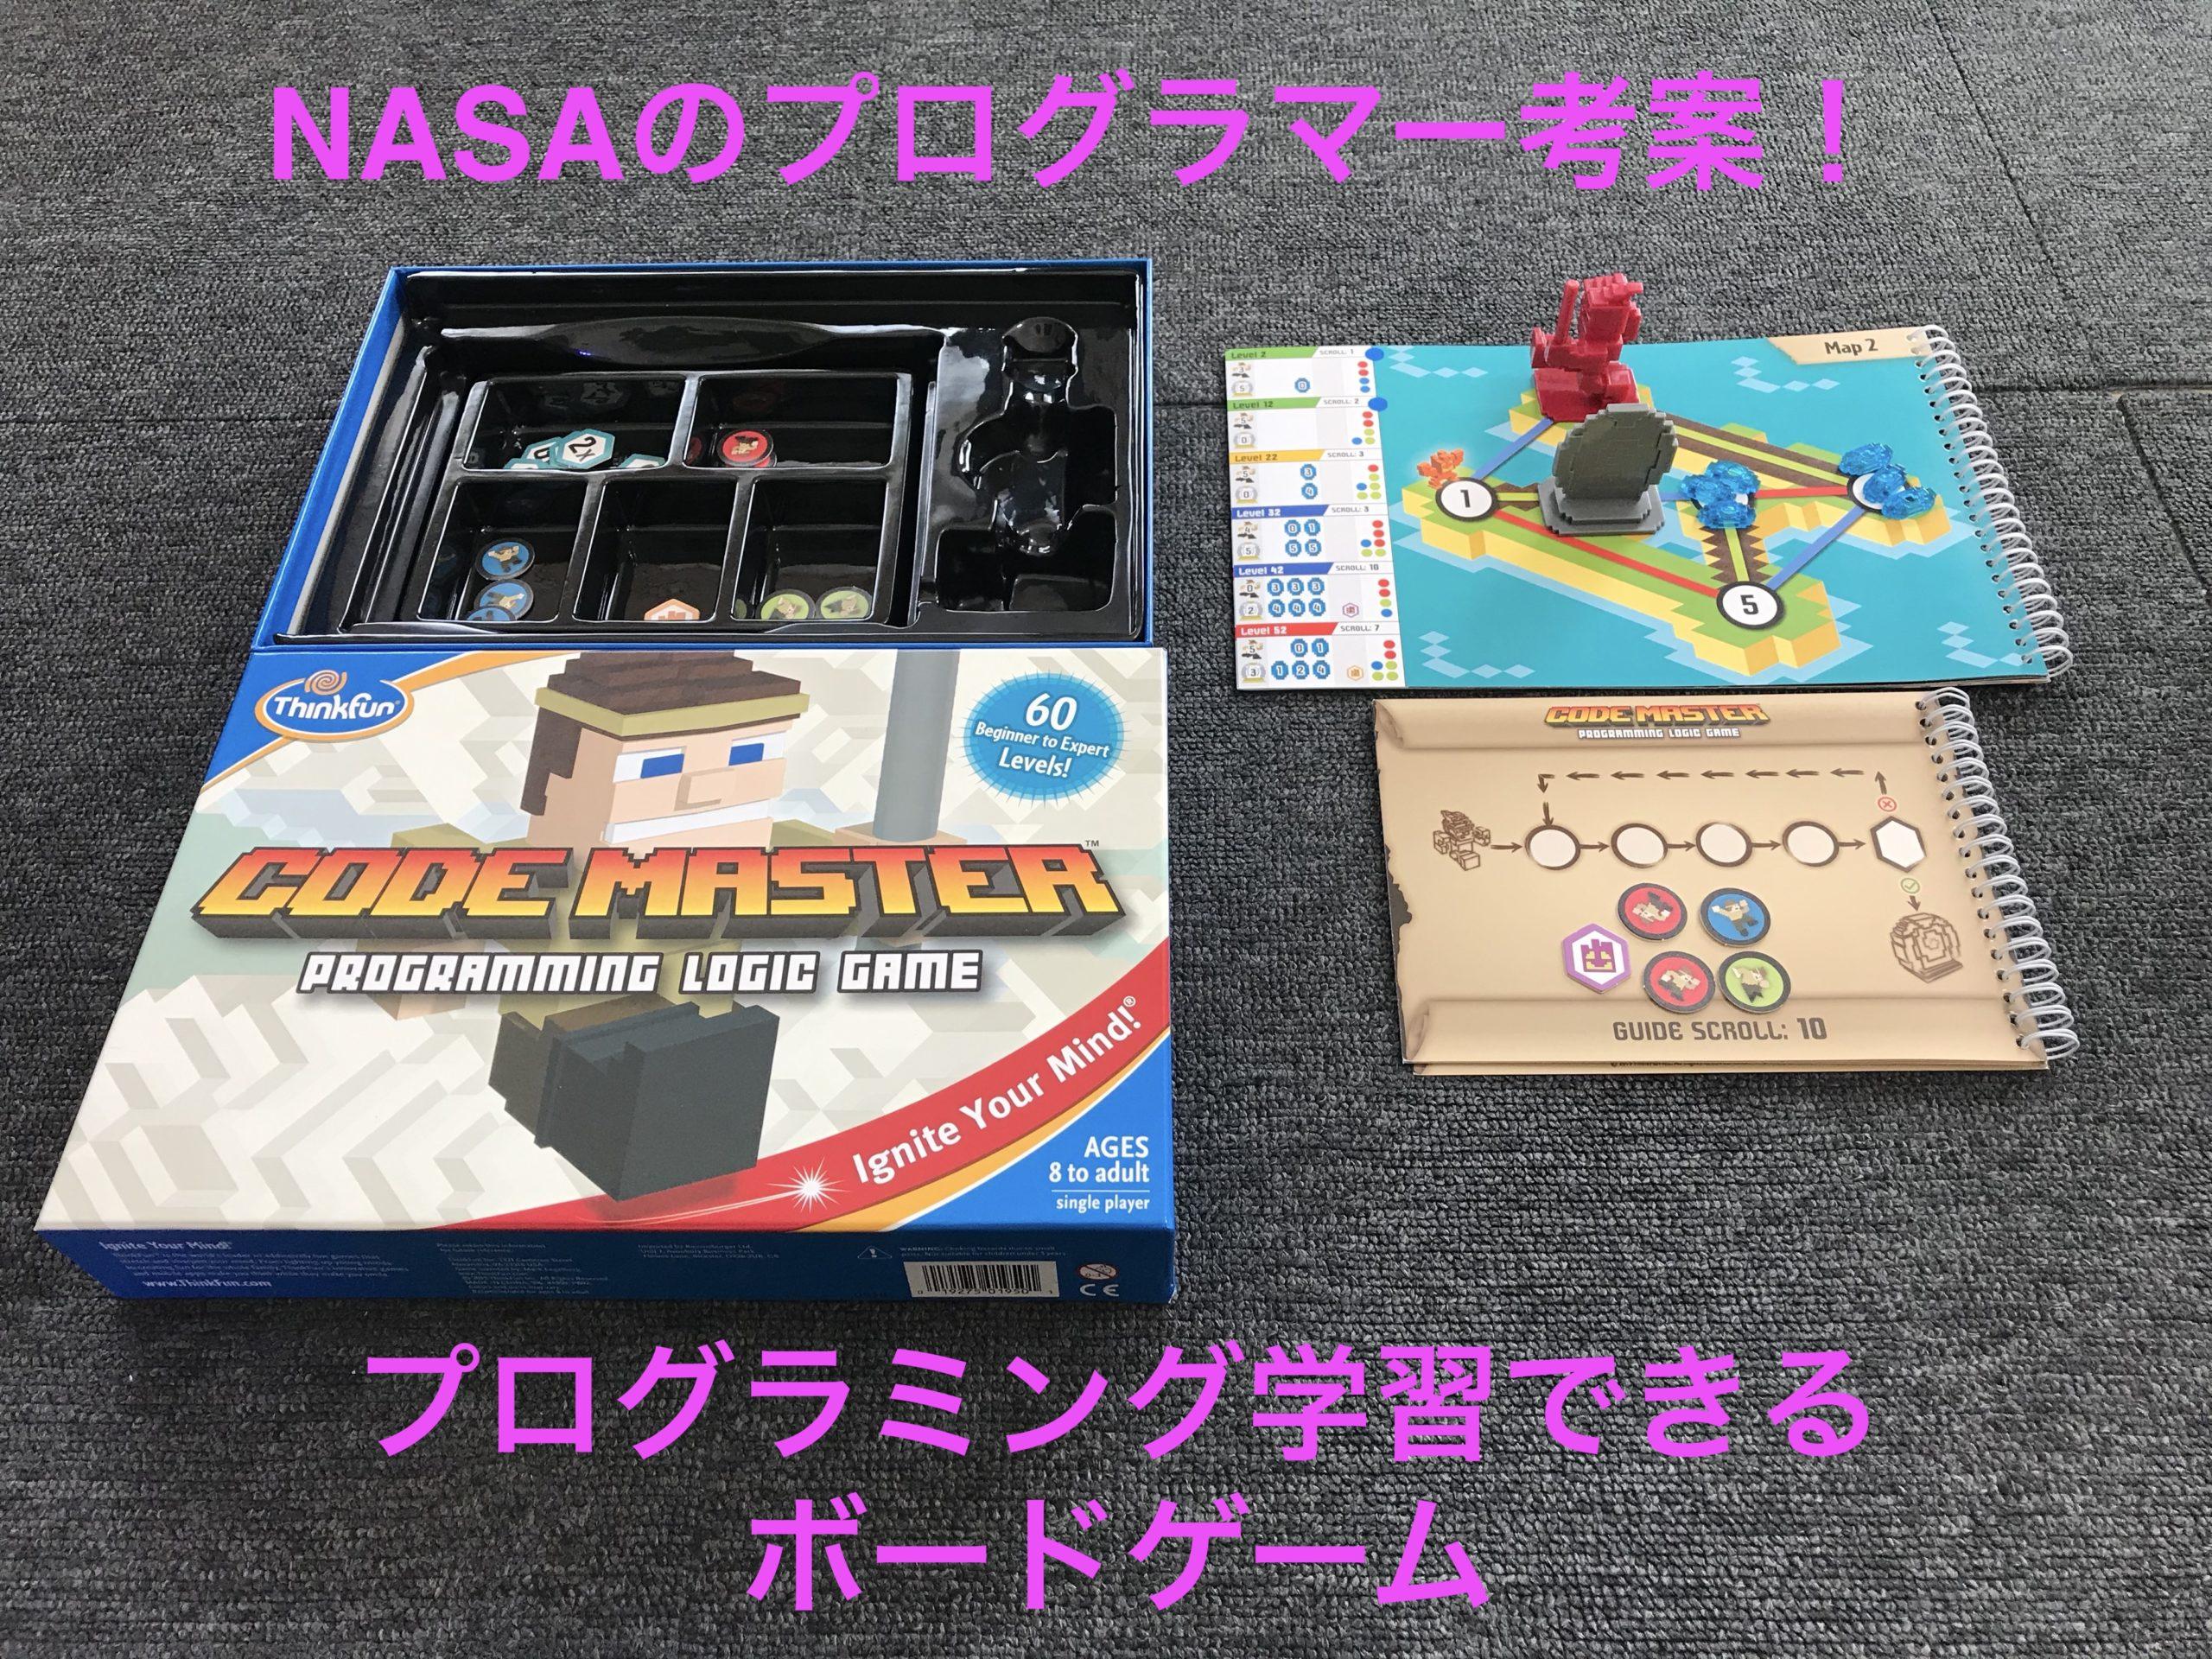 「コードマスター」をレビュー!PCなしでプログラミング学習できるボードゲーム